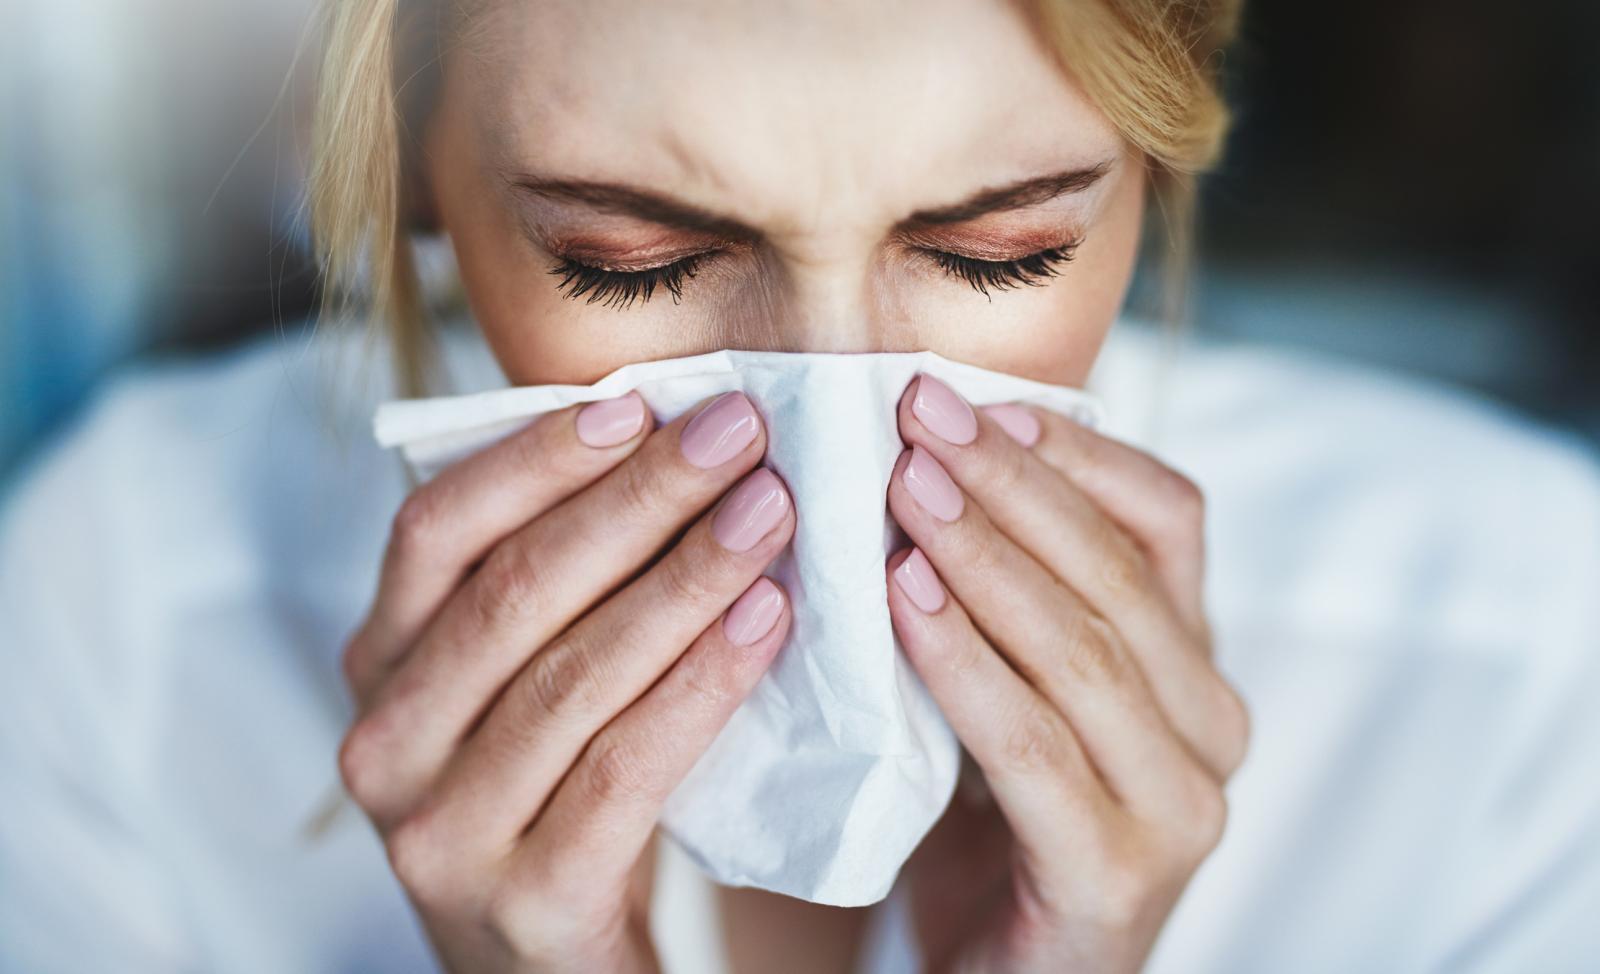 Uz kihanje, začepljenost nosa i bolnost grla, na virozu upućuju simptomi poput povišene temperature i kašlja.